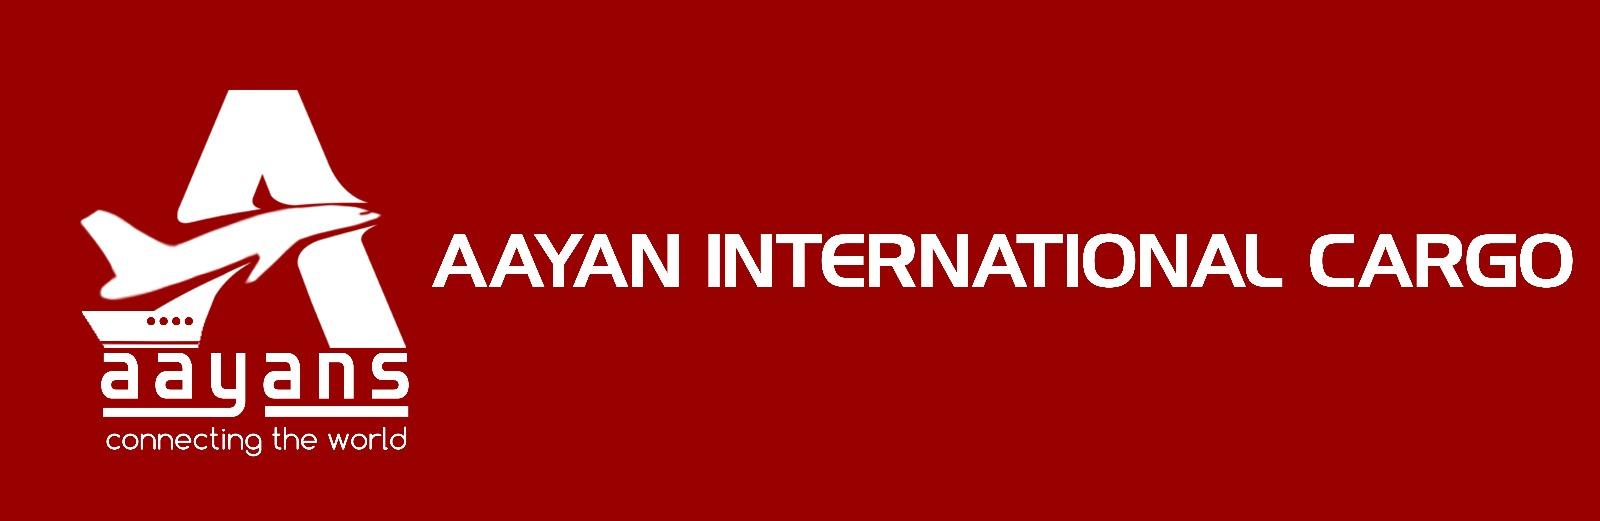 aayans.com